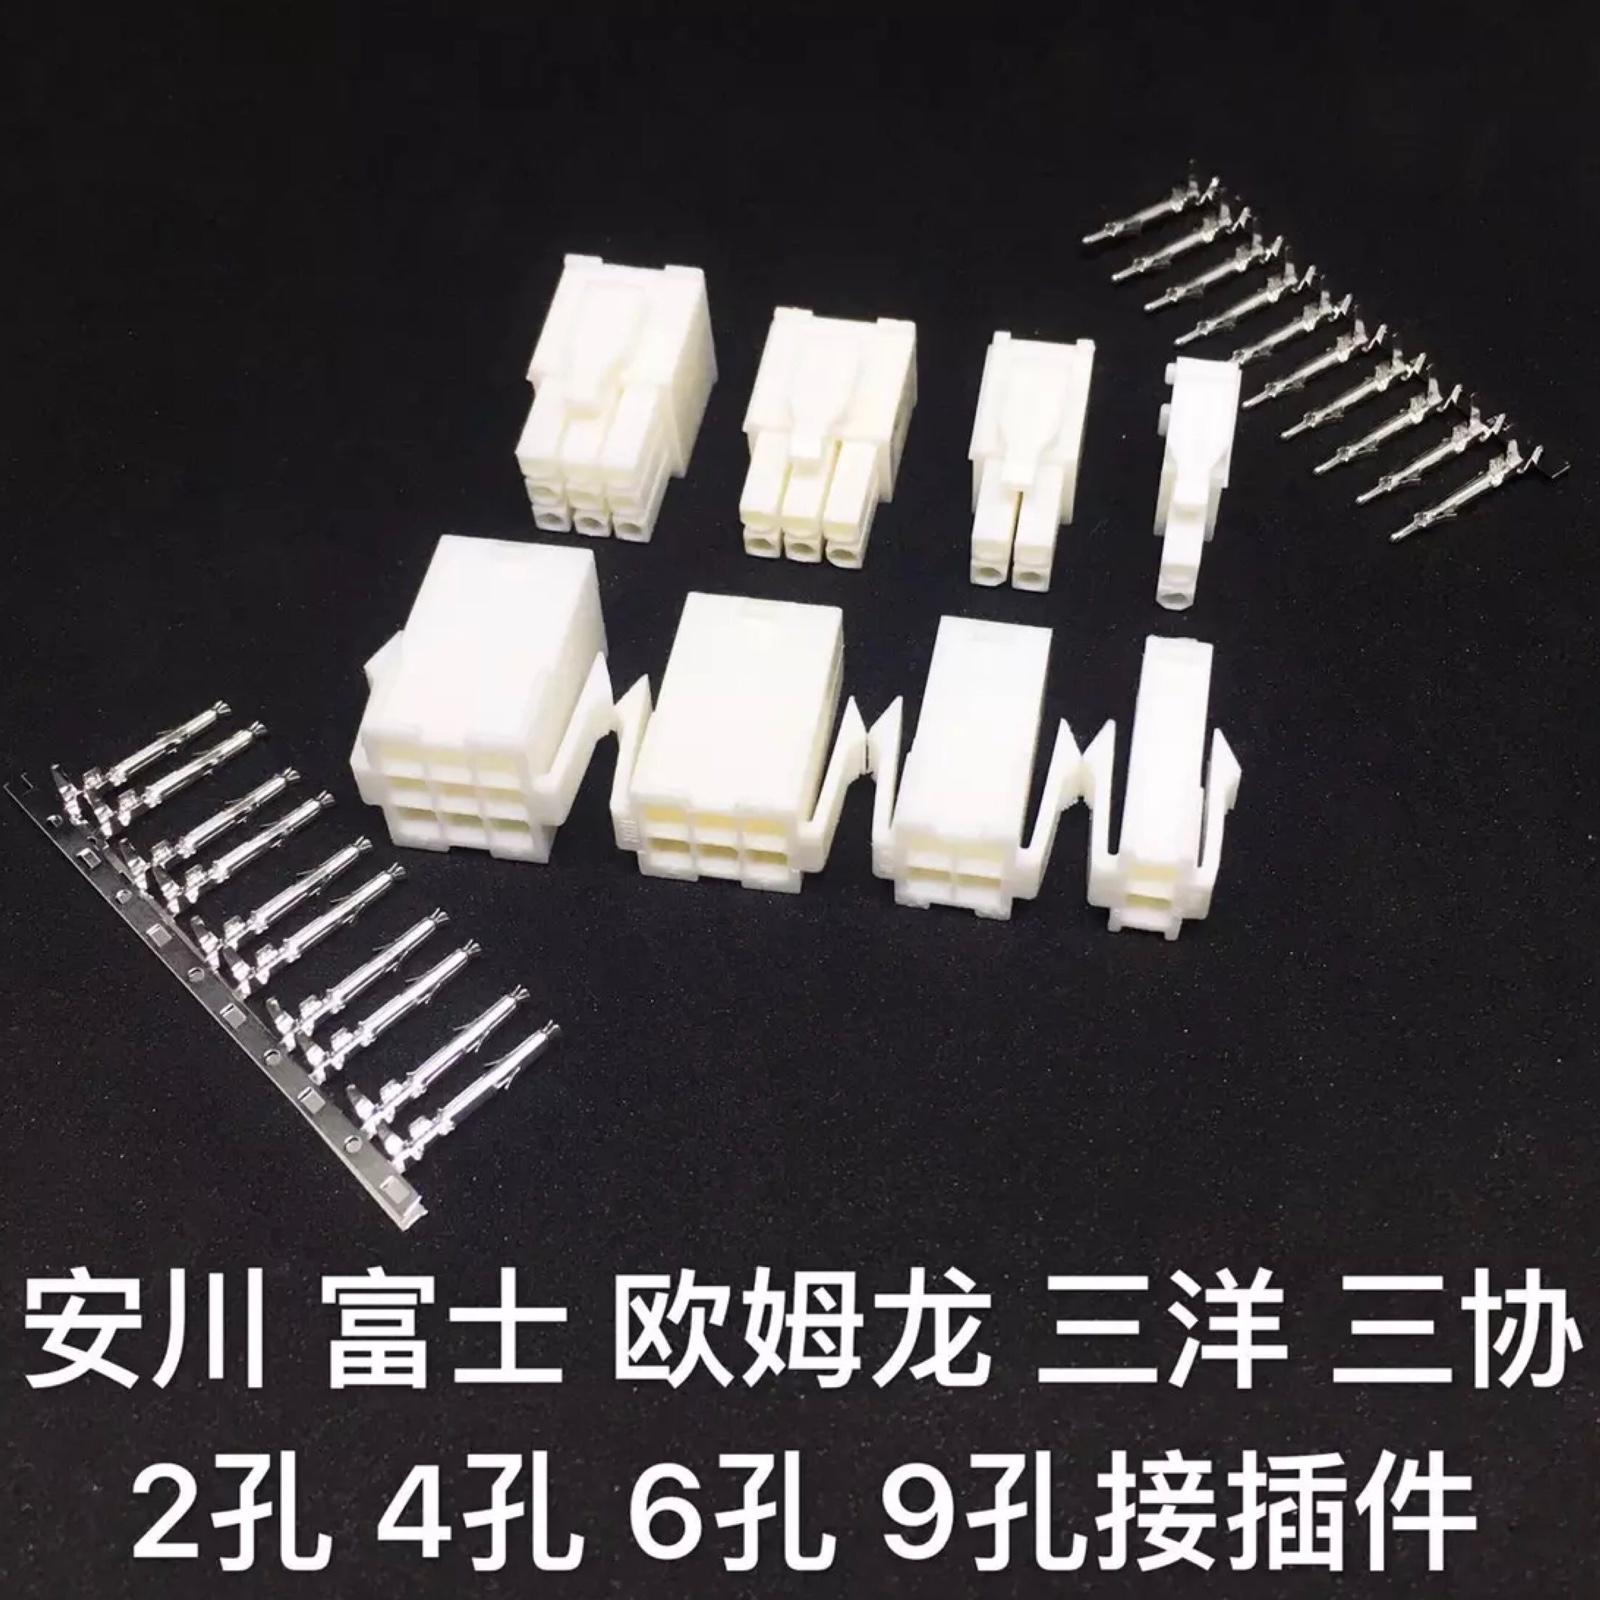 4145连接器 松下伺服编码器 电机插头 2PIN 4PIN 6PIN 9PIN接插件